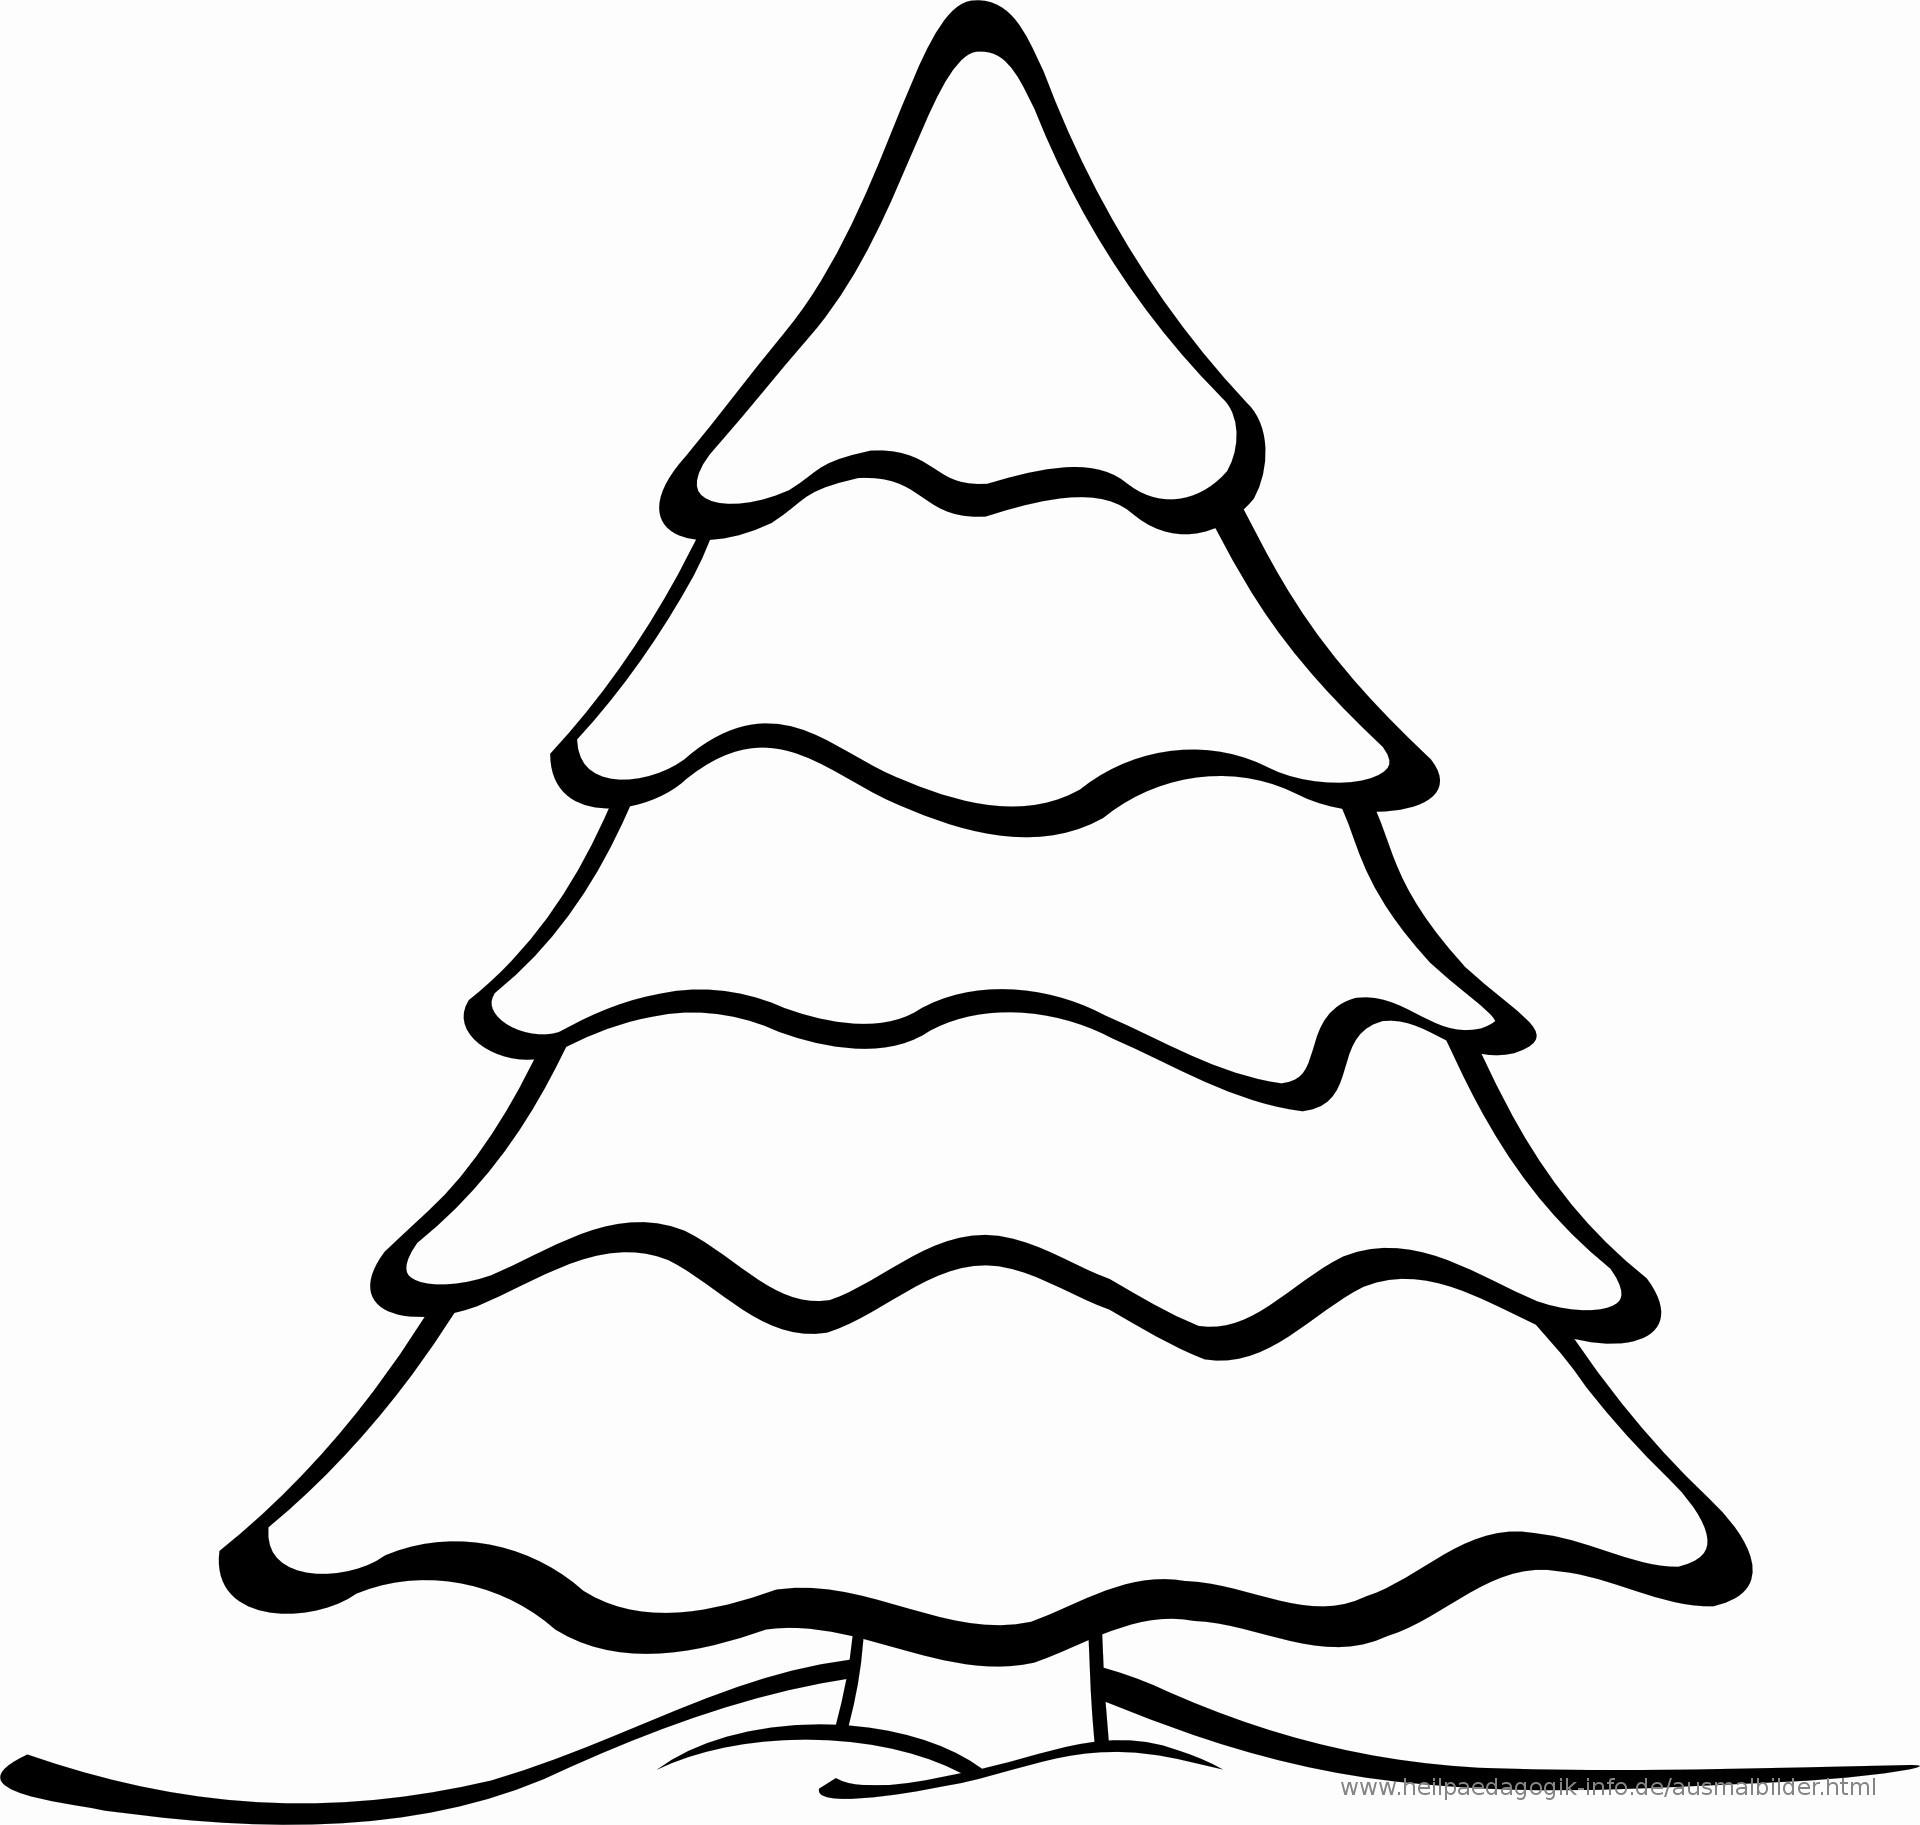 Malvorlagen Bilder Weihnachten Frisch Tannenbaum Ausmalbild Einzigartig Malvorlagen Tannenbaum Galerie